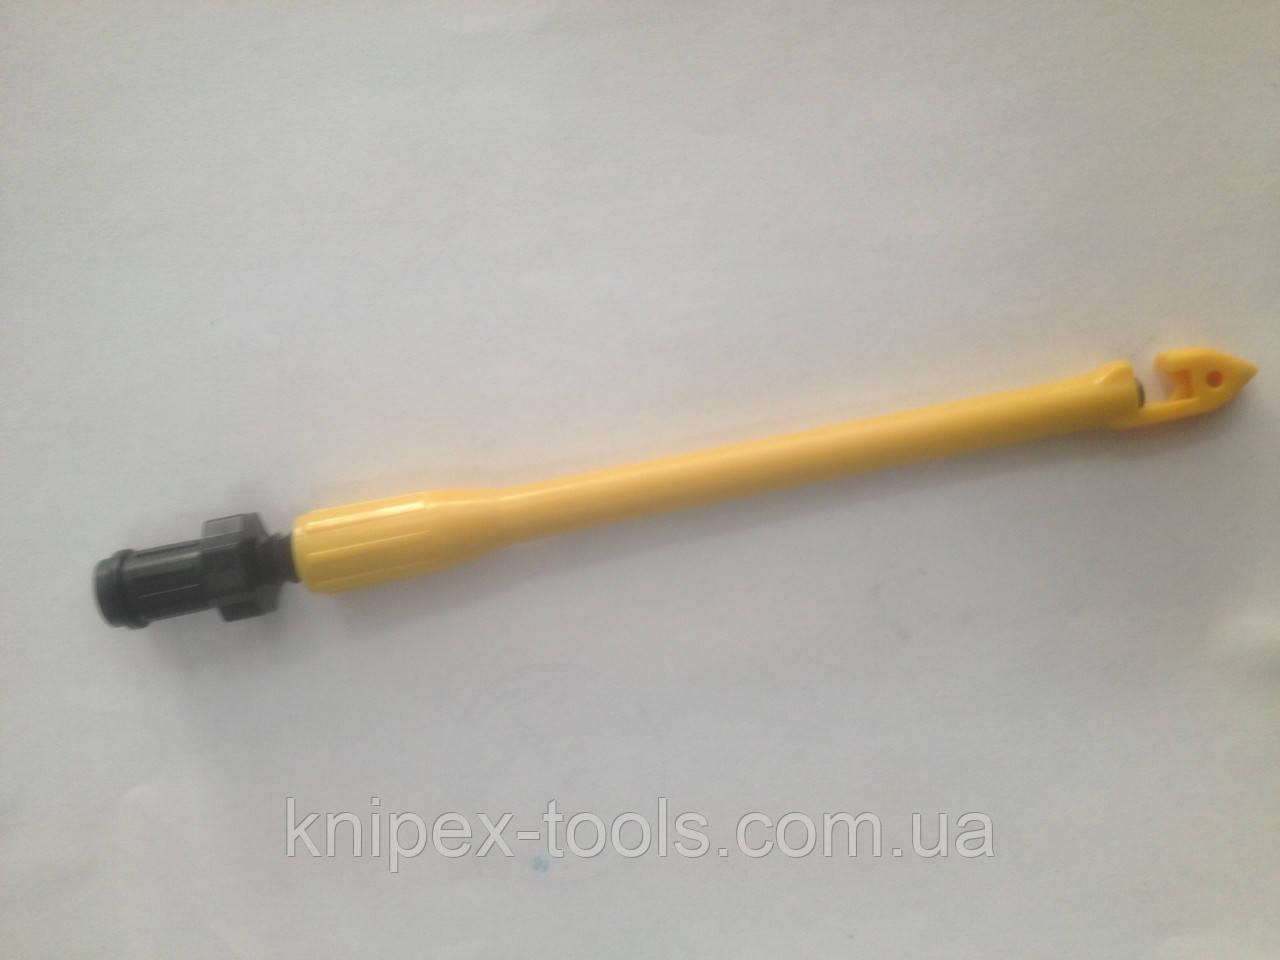 Прокалыватель длинный  - HPA Faip Украина, Оборудование для сто, шиномонтажа. в Днепре